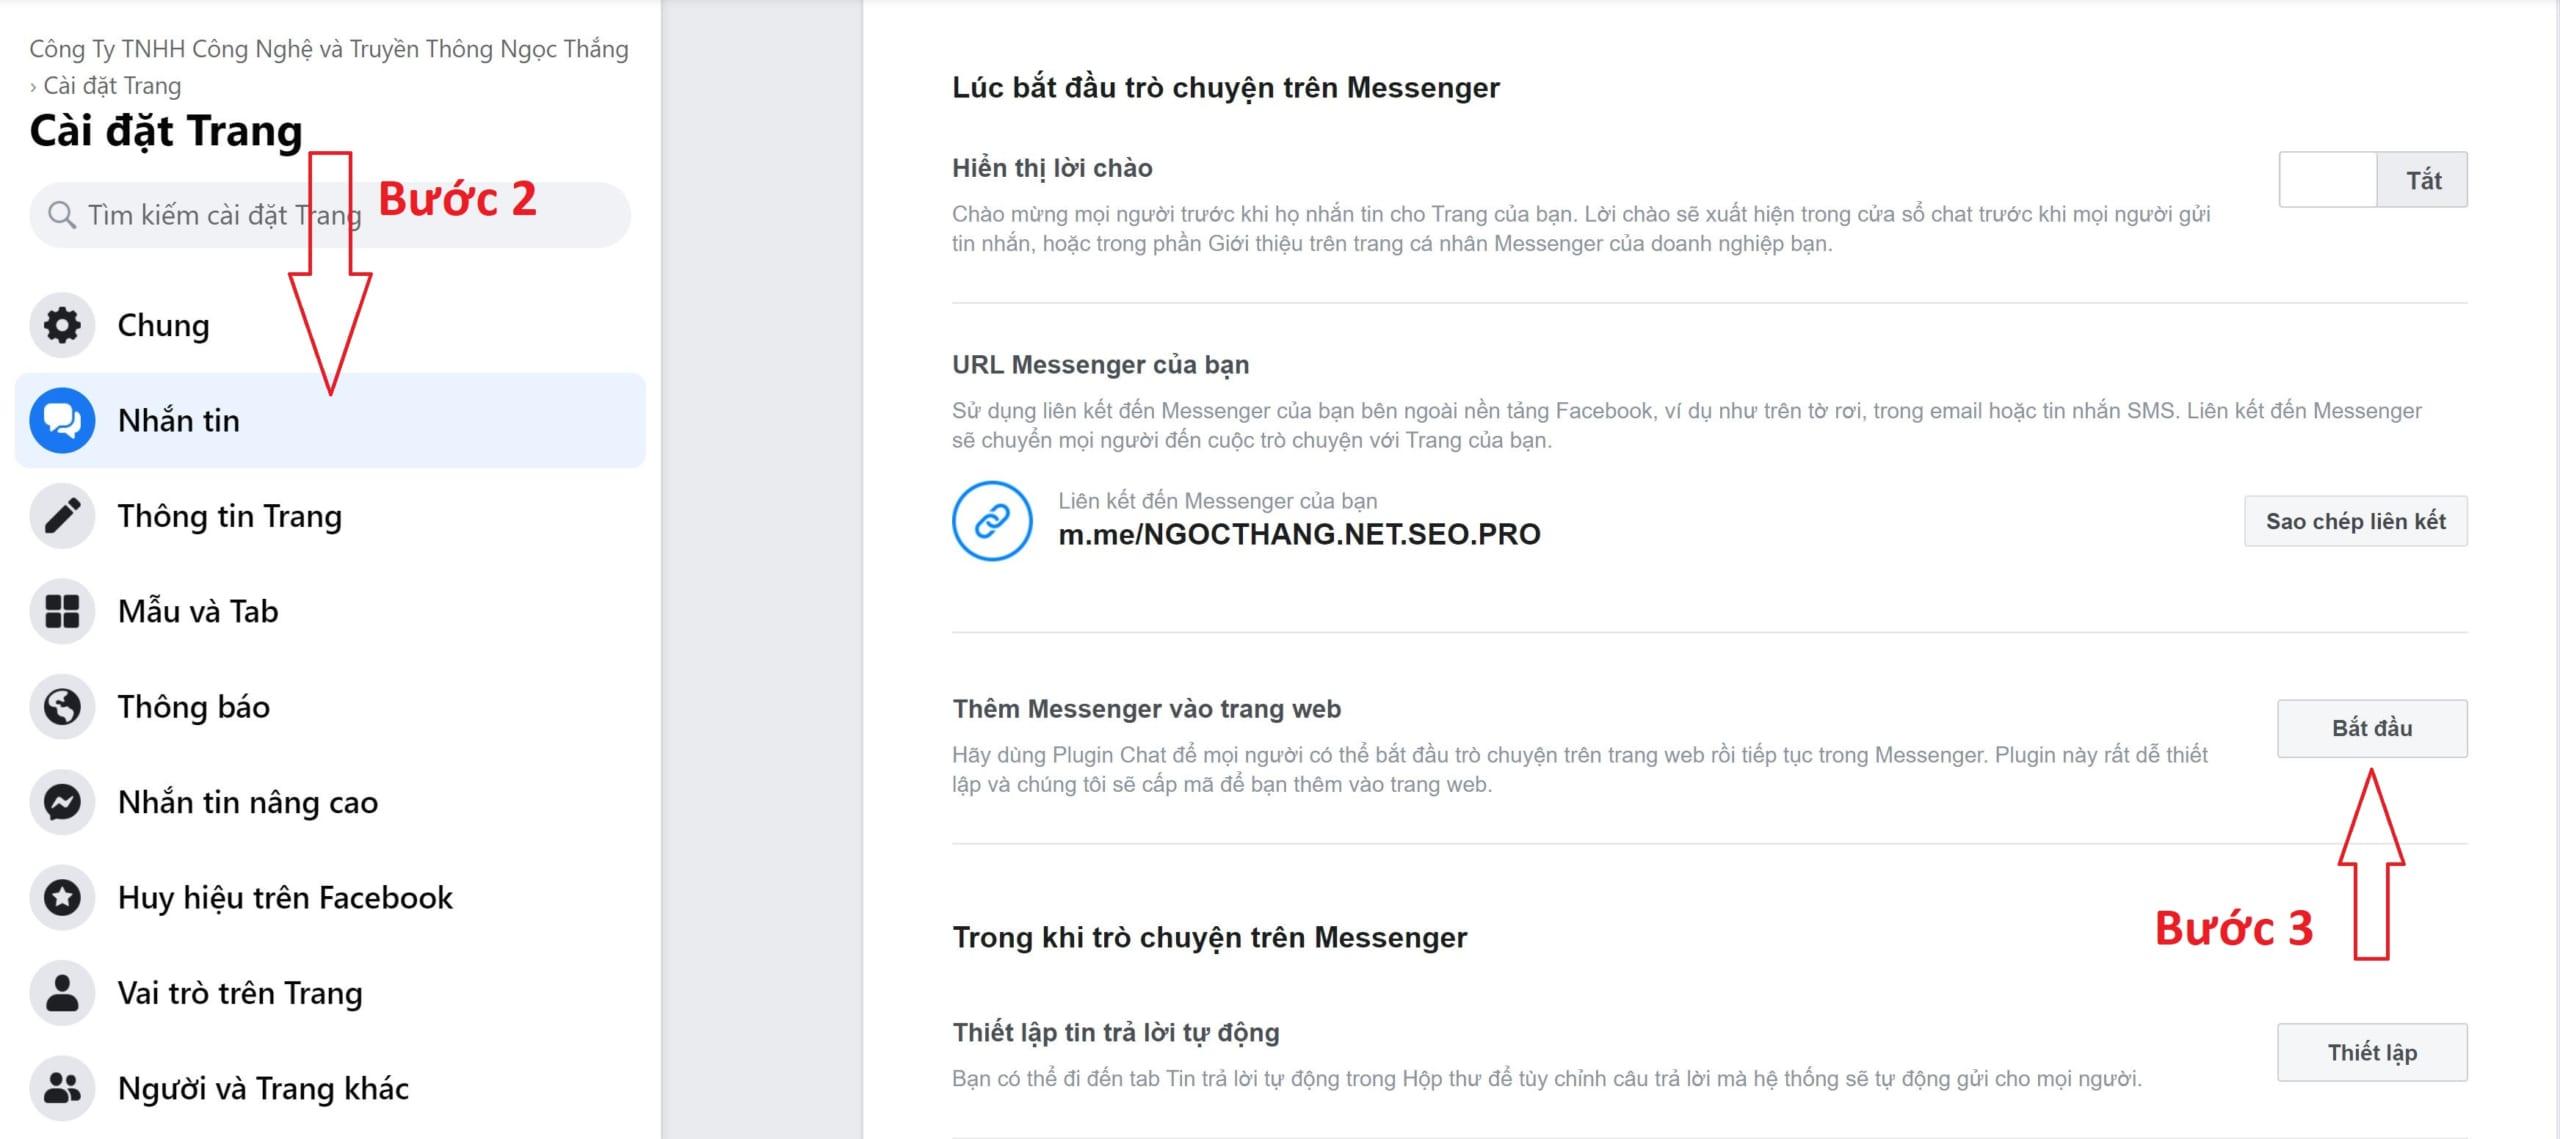 Thêm Messenger vào trang web